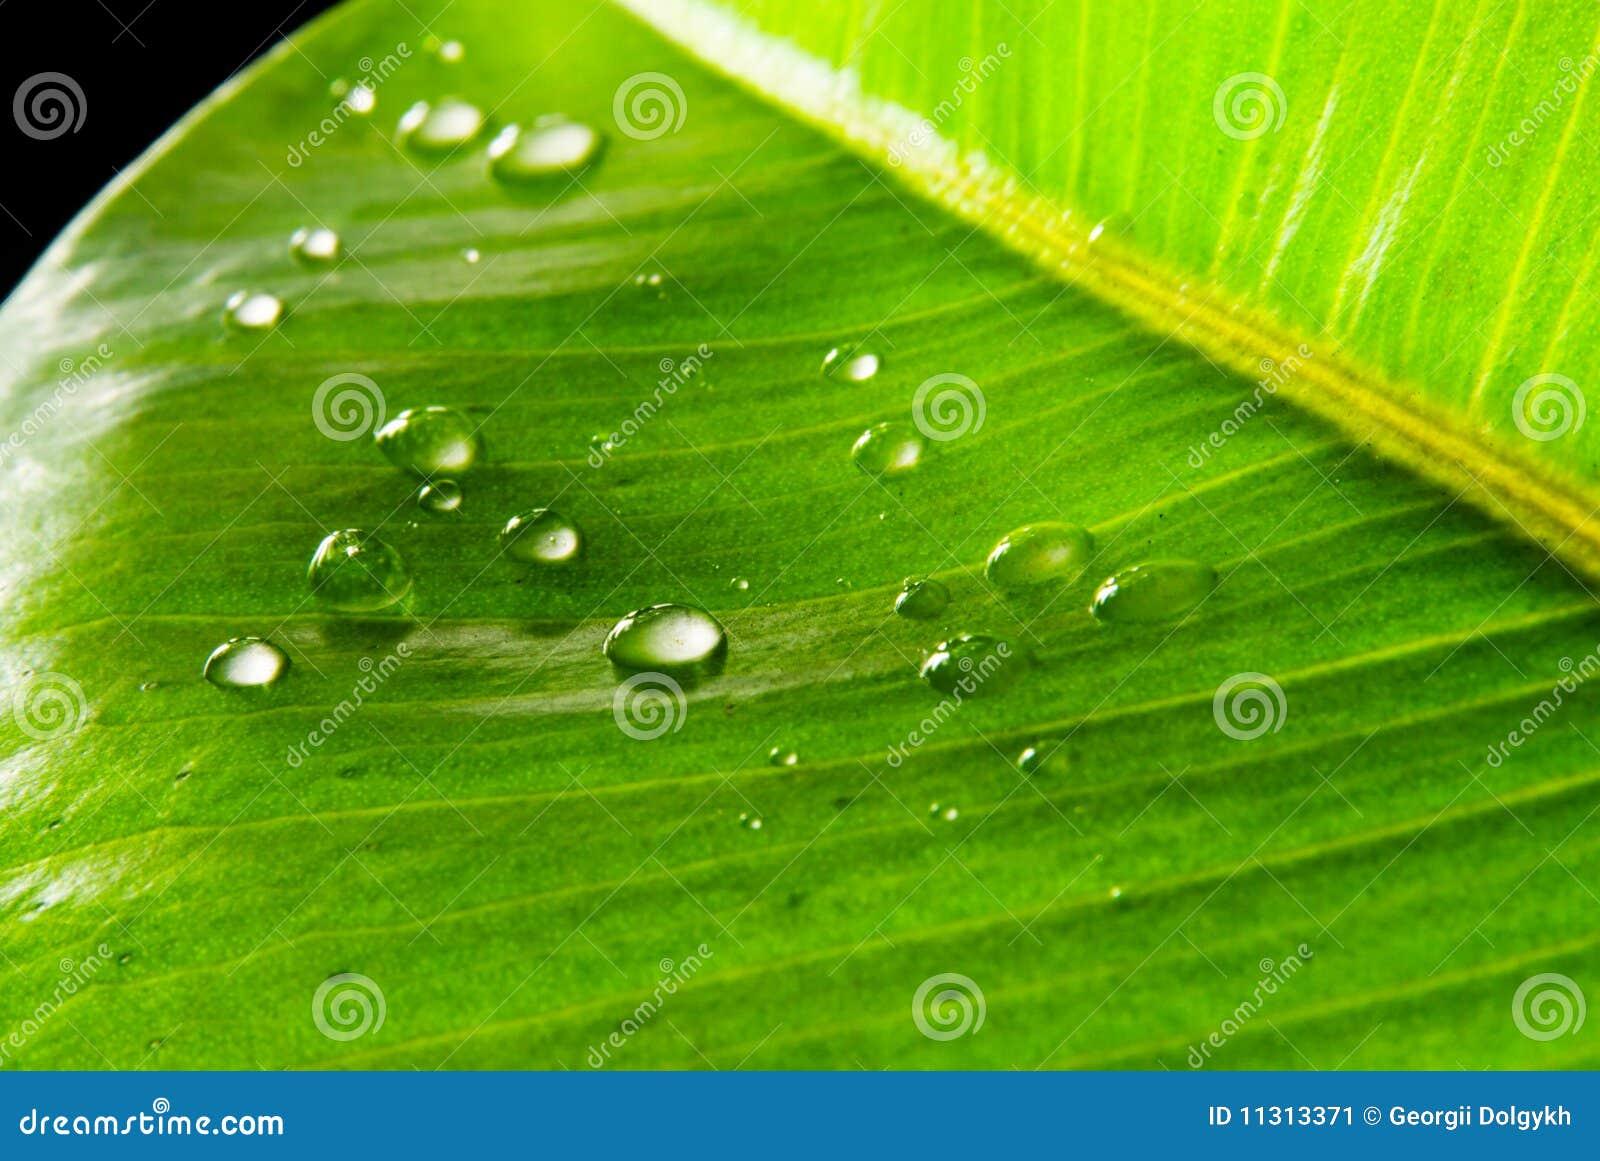 Grünblätter abgedeckt mit waterdrops